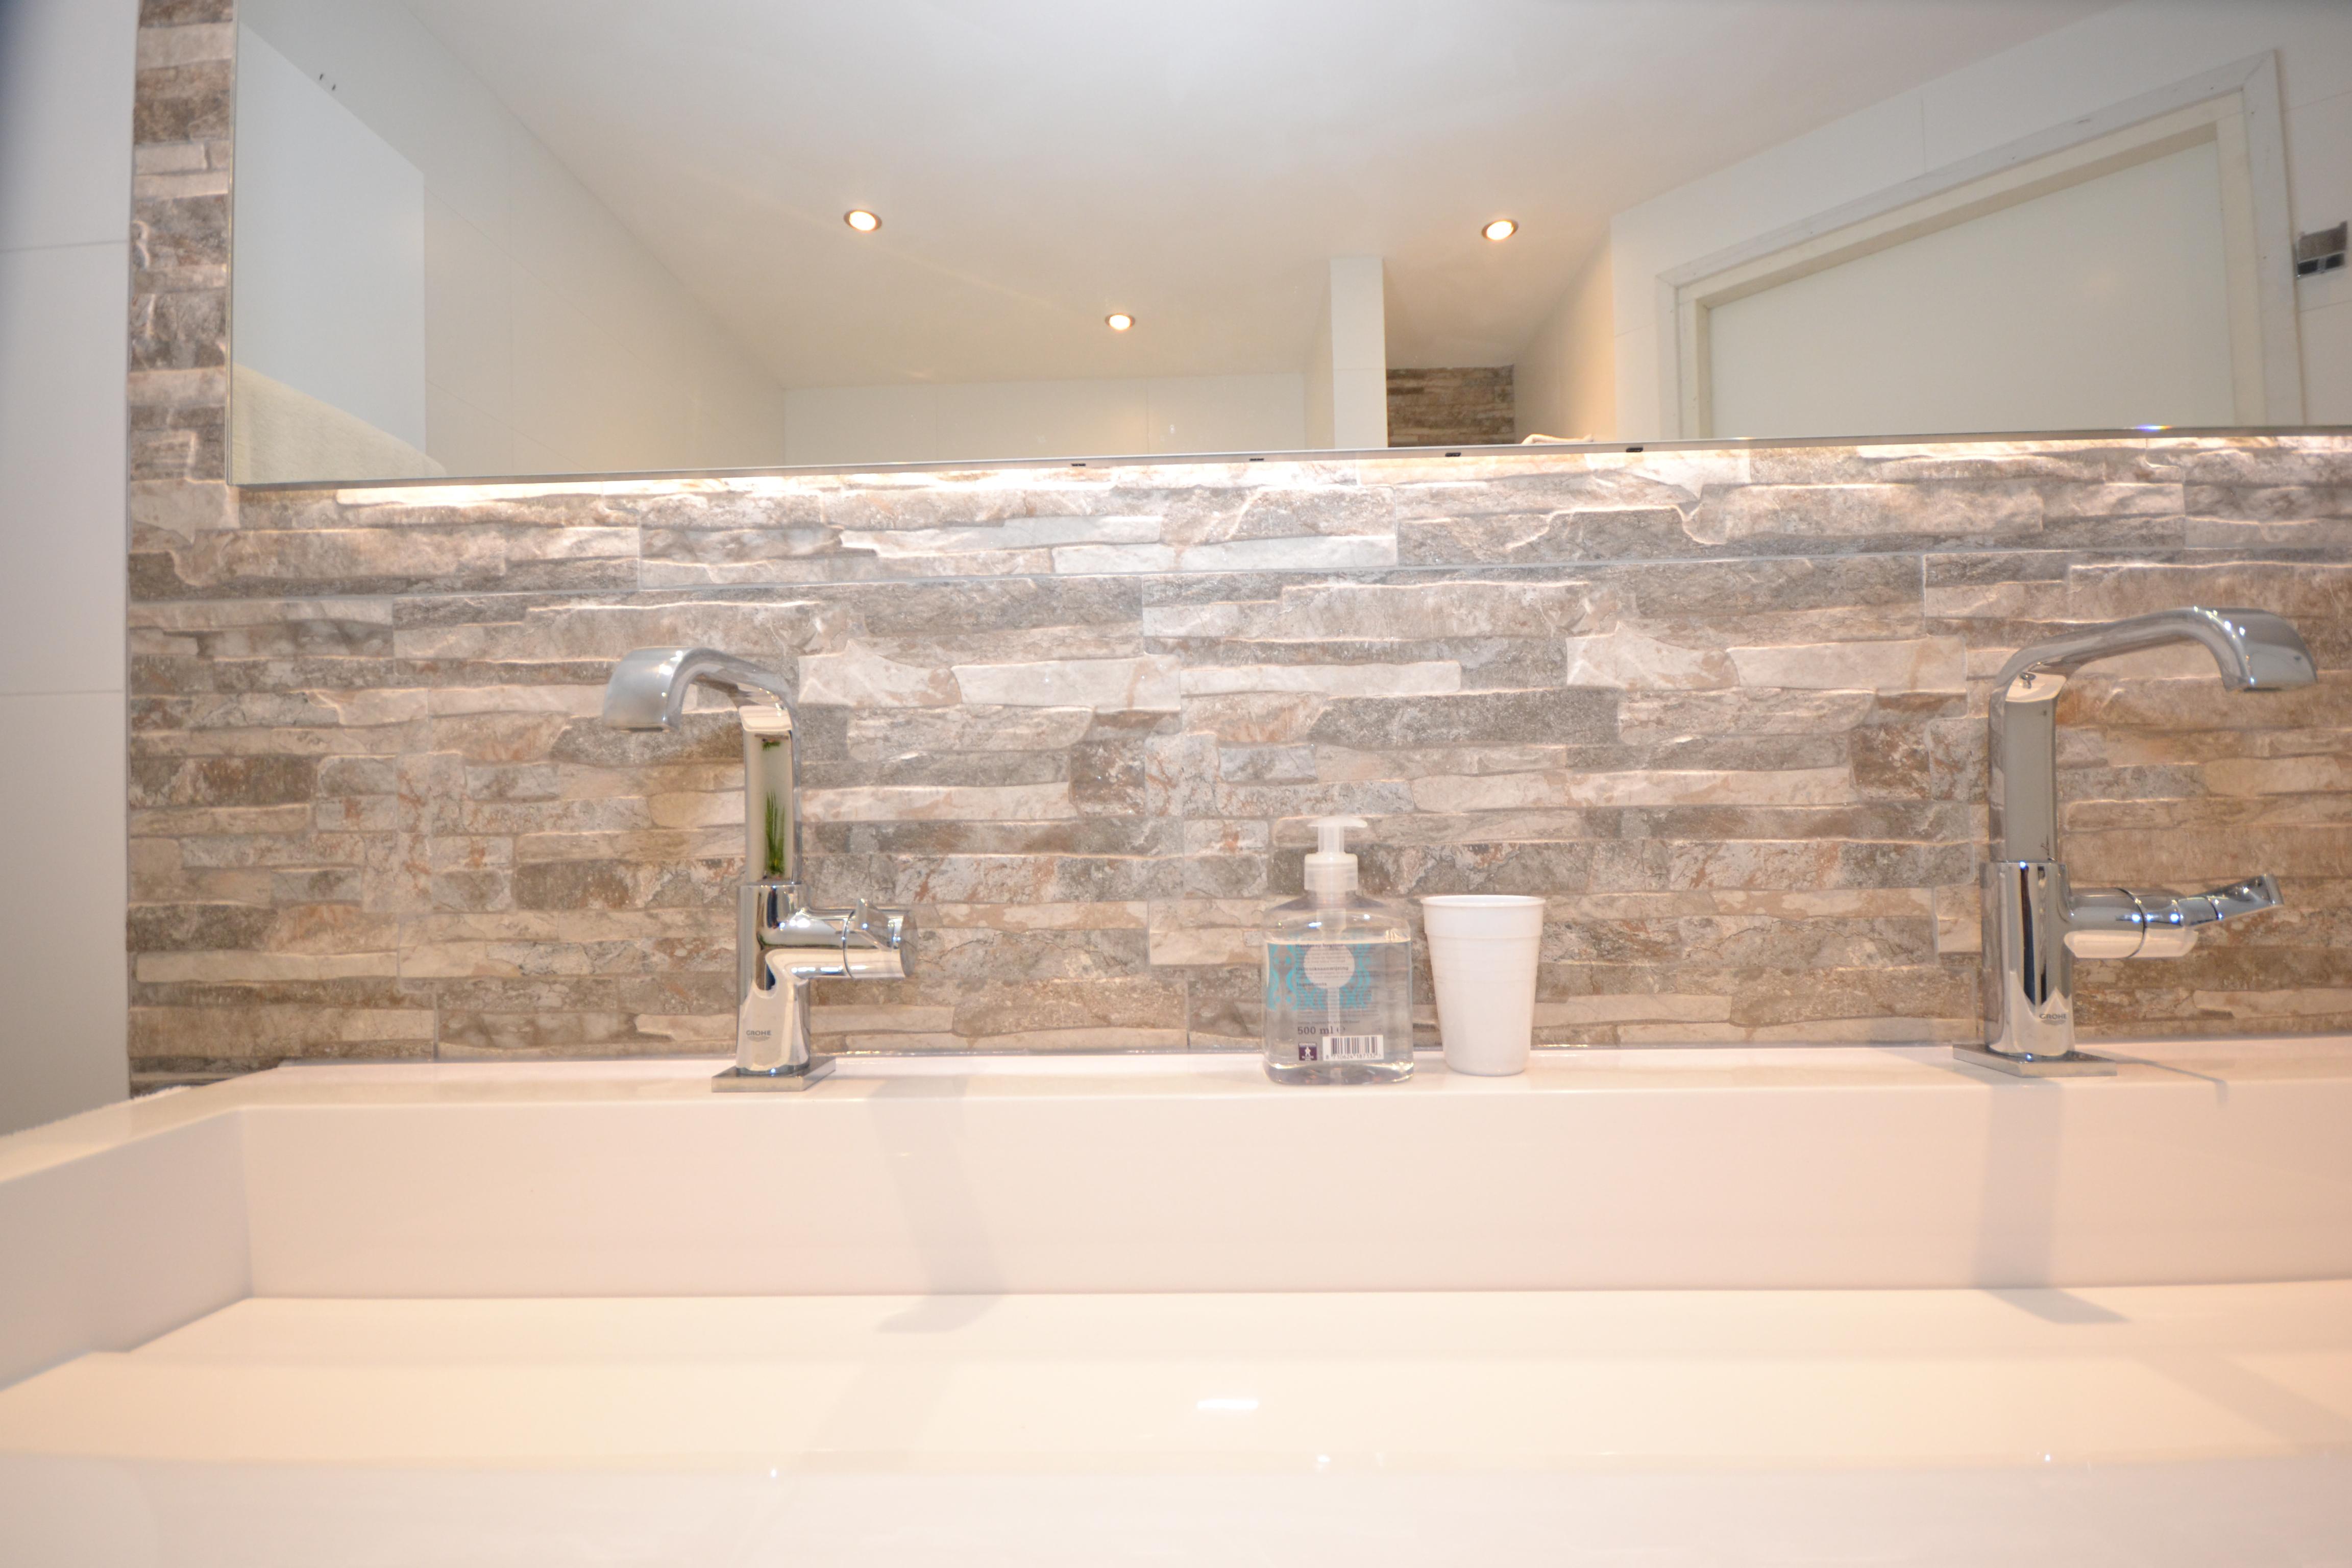 Luxe Badkamer Interieur : Luxe badkamer uden zuid ba s